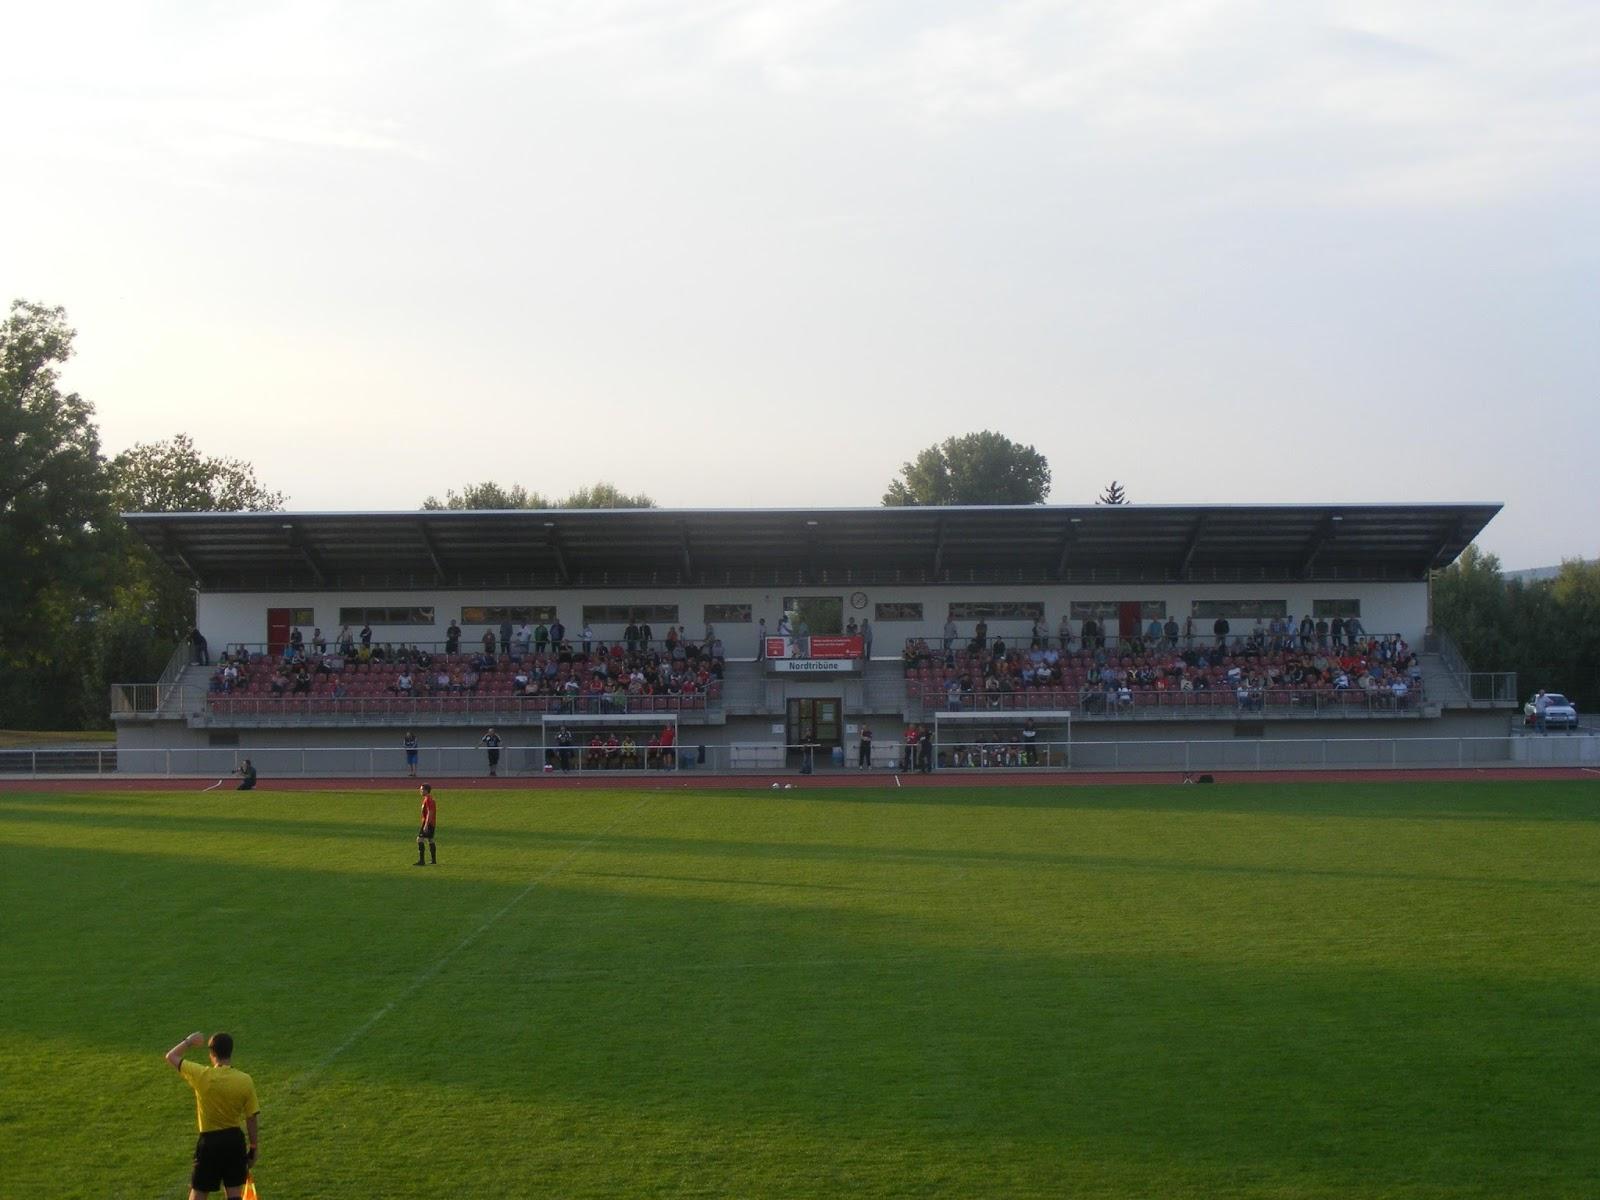 Stadion Wetzlar